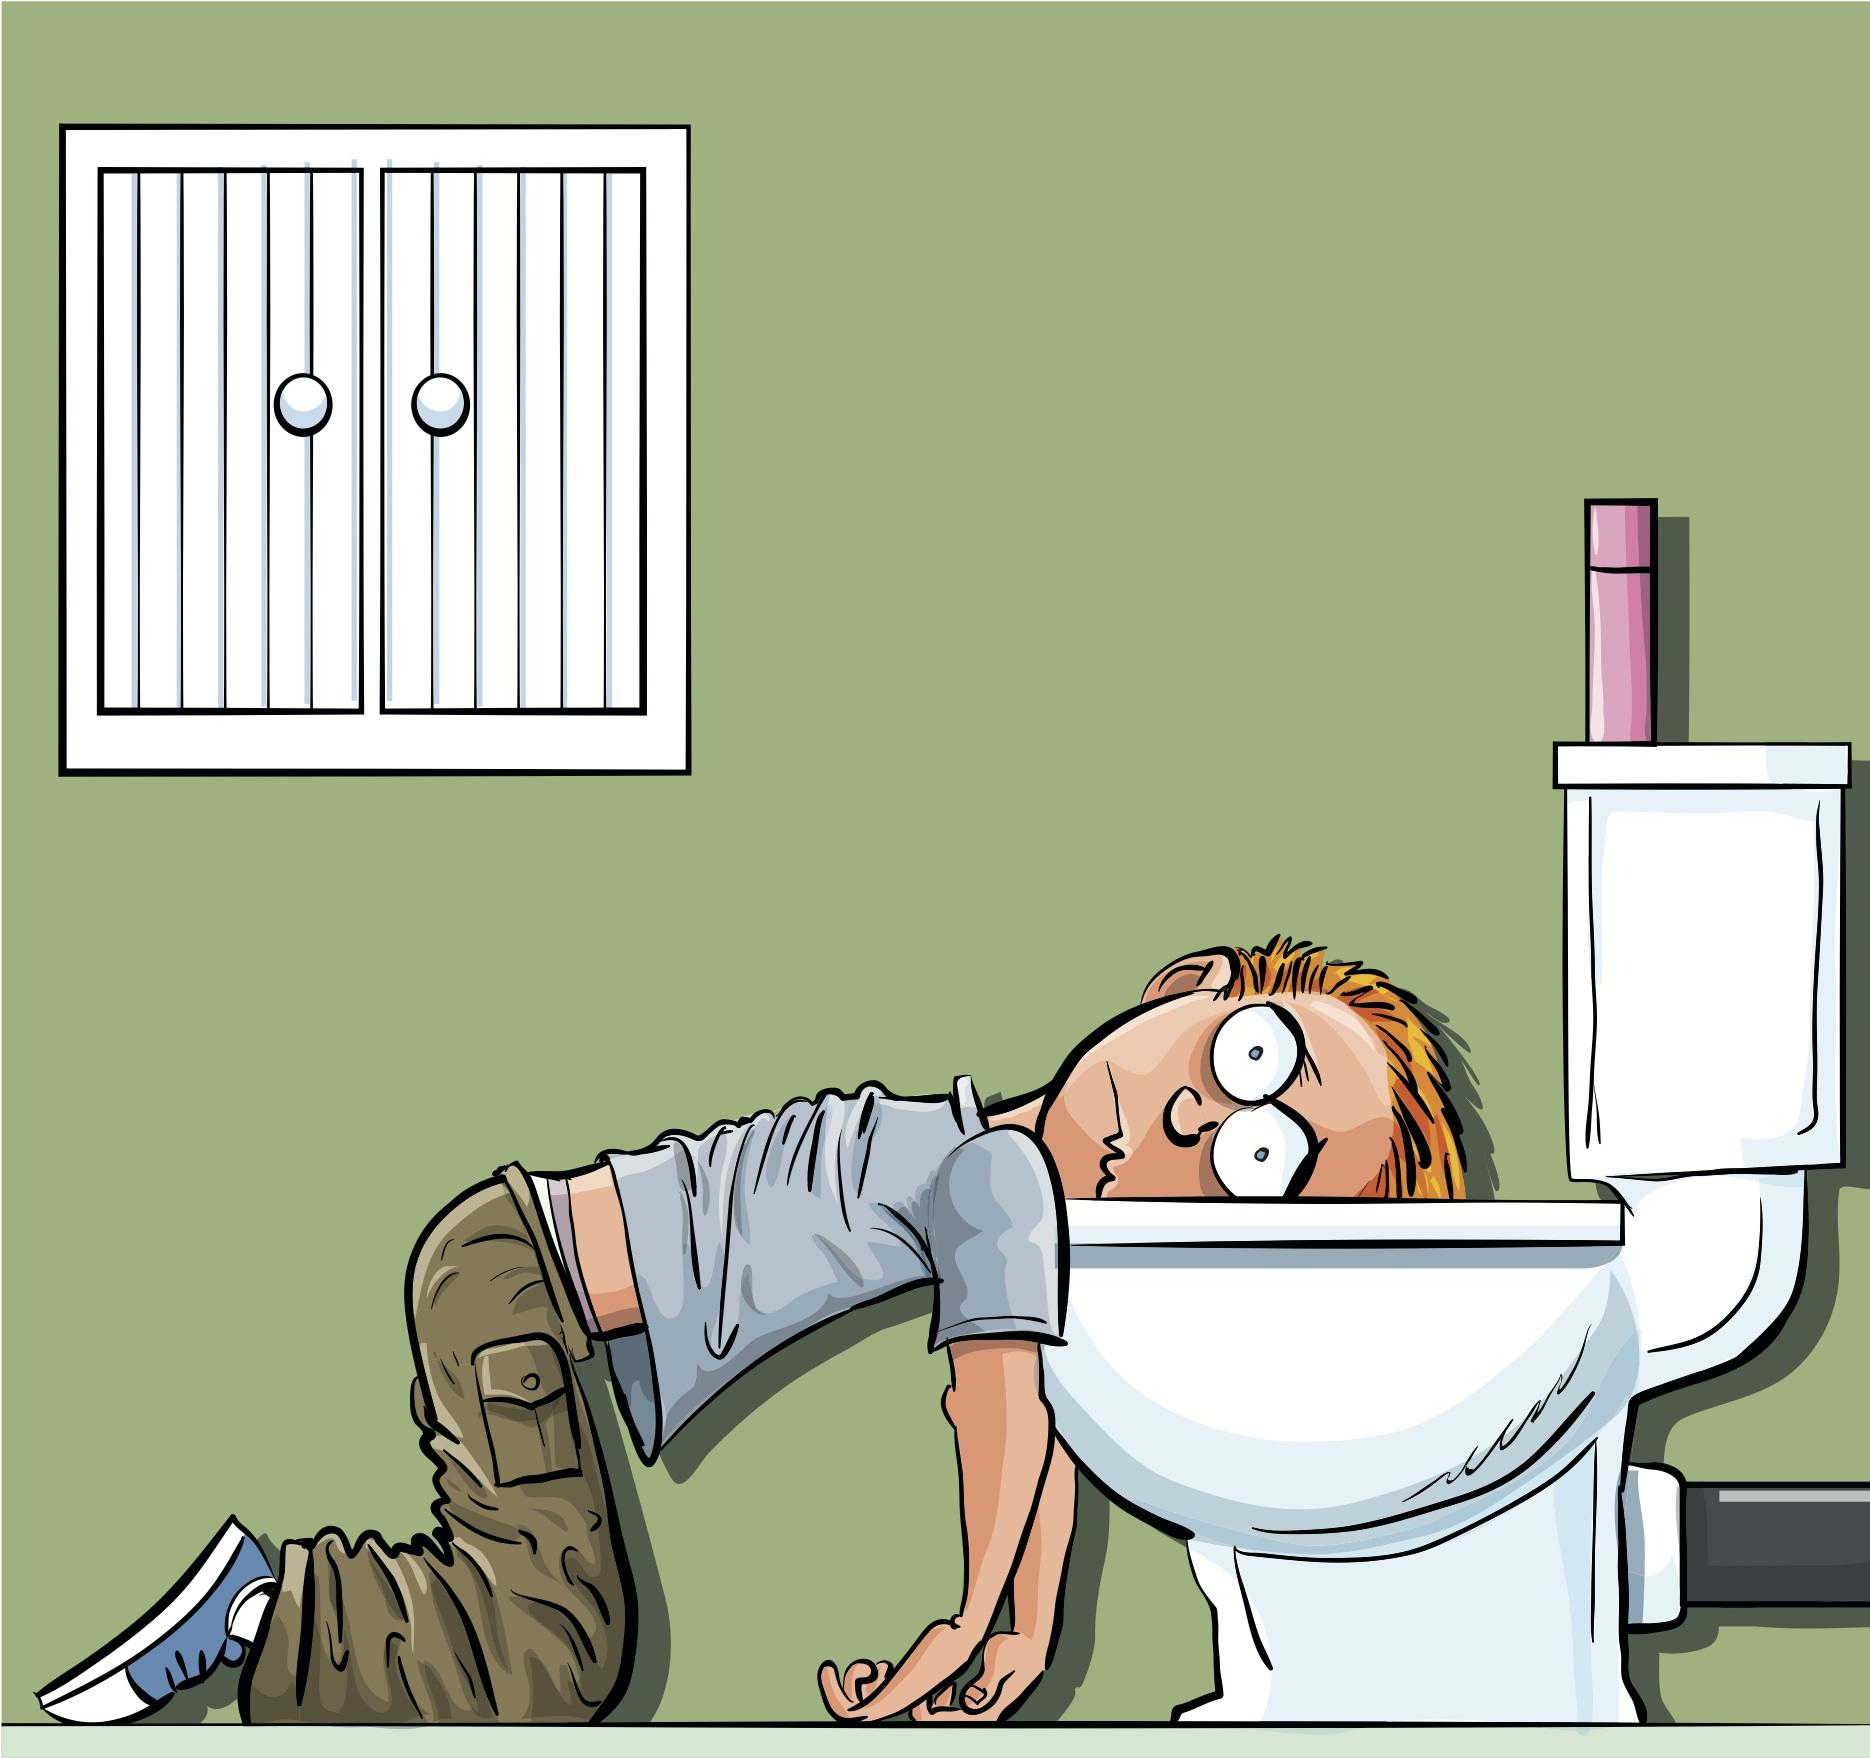 Vomit diarrhea